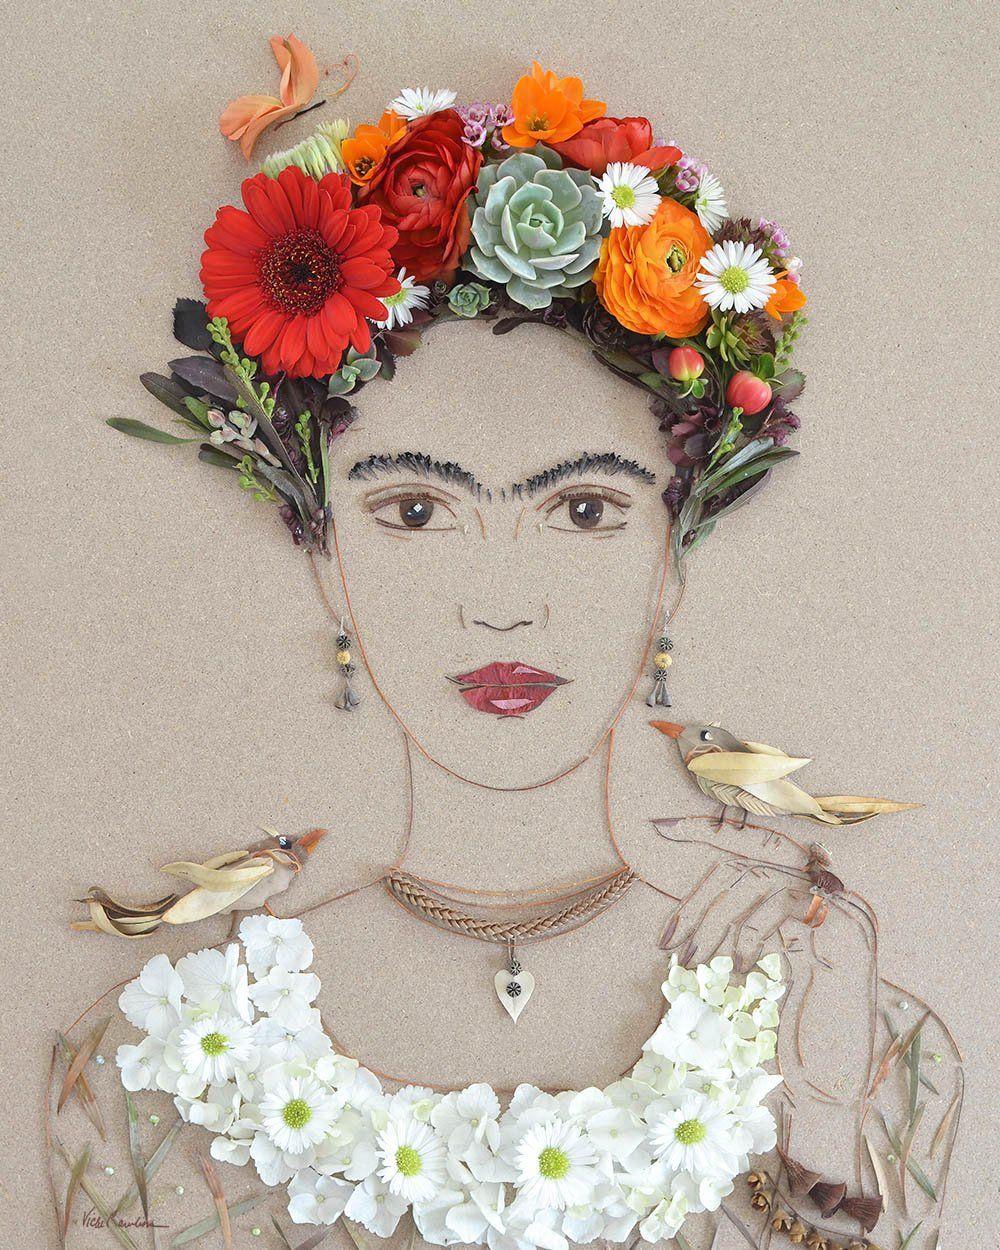 Портреты в гармонии с природой от Sister Golden: романтические образы и известные личности, сложенные из веточек и лепестков